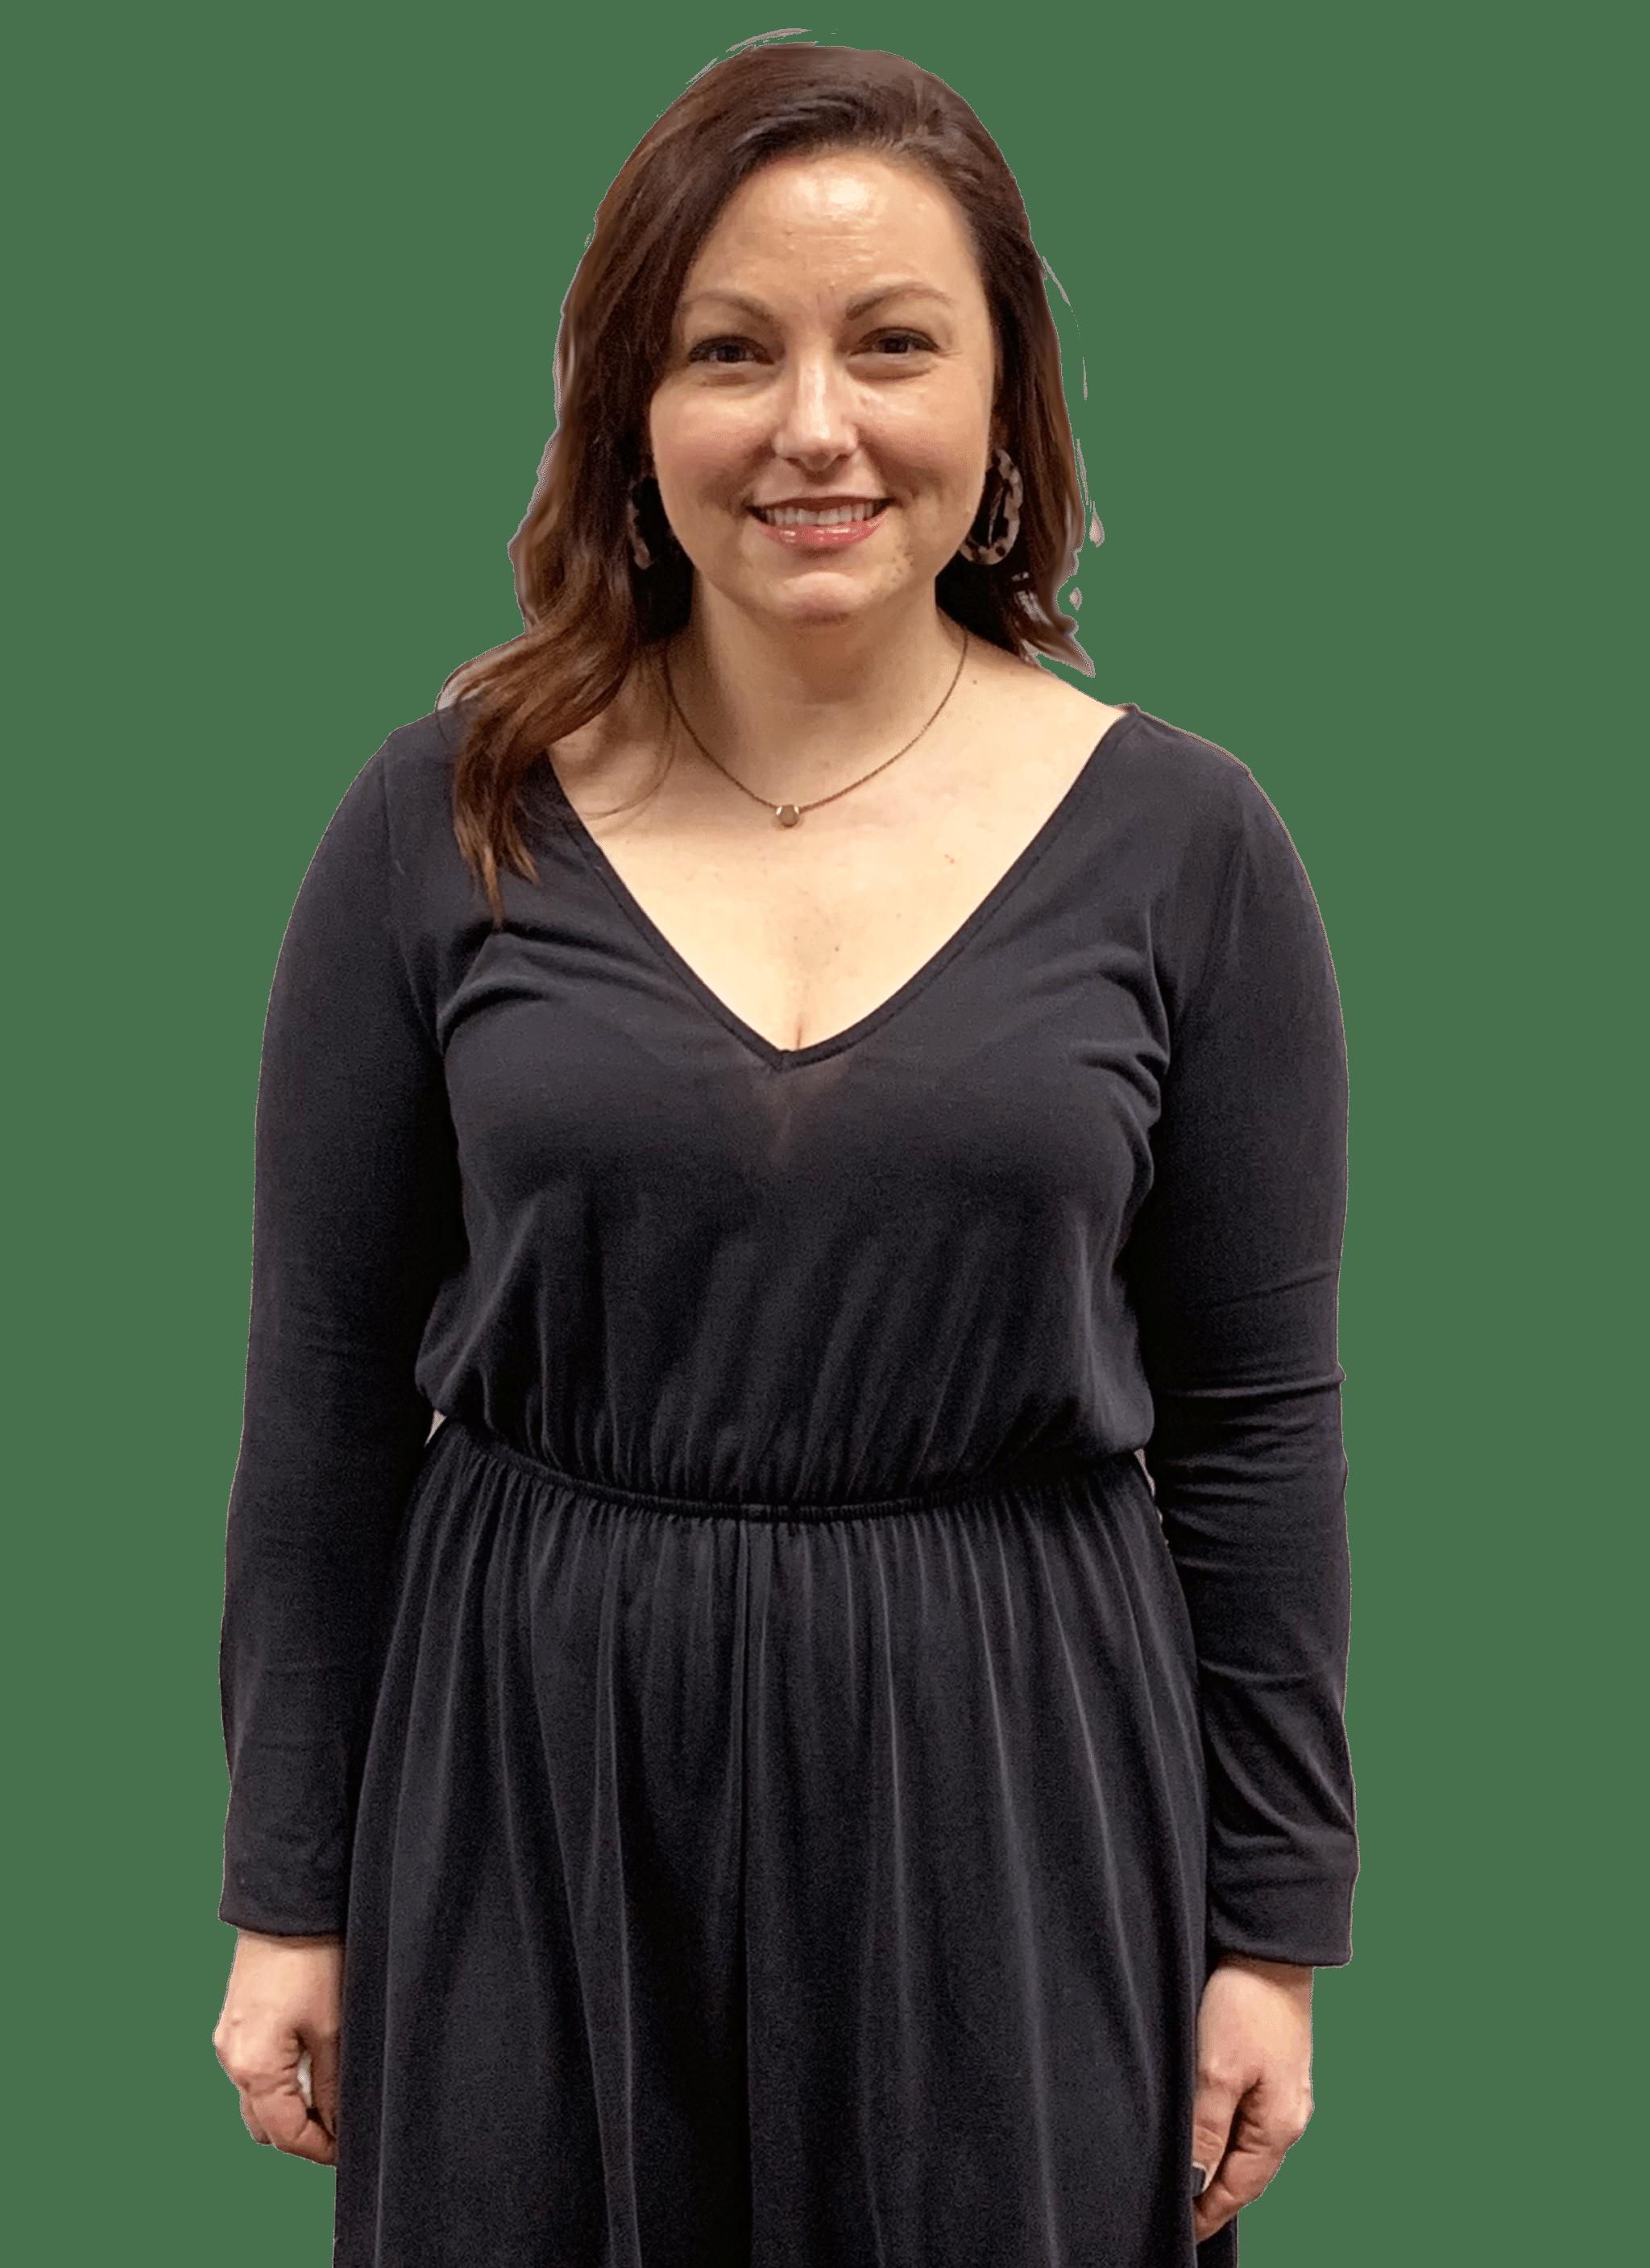 Staff image of Julie